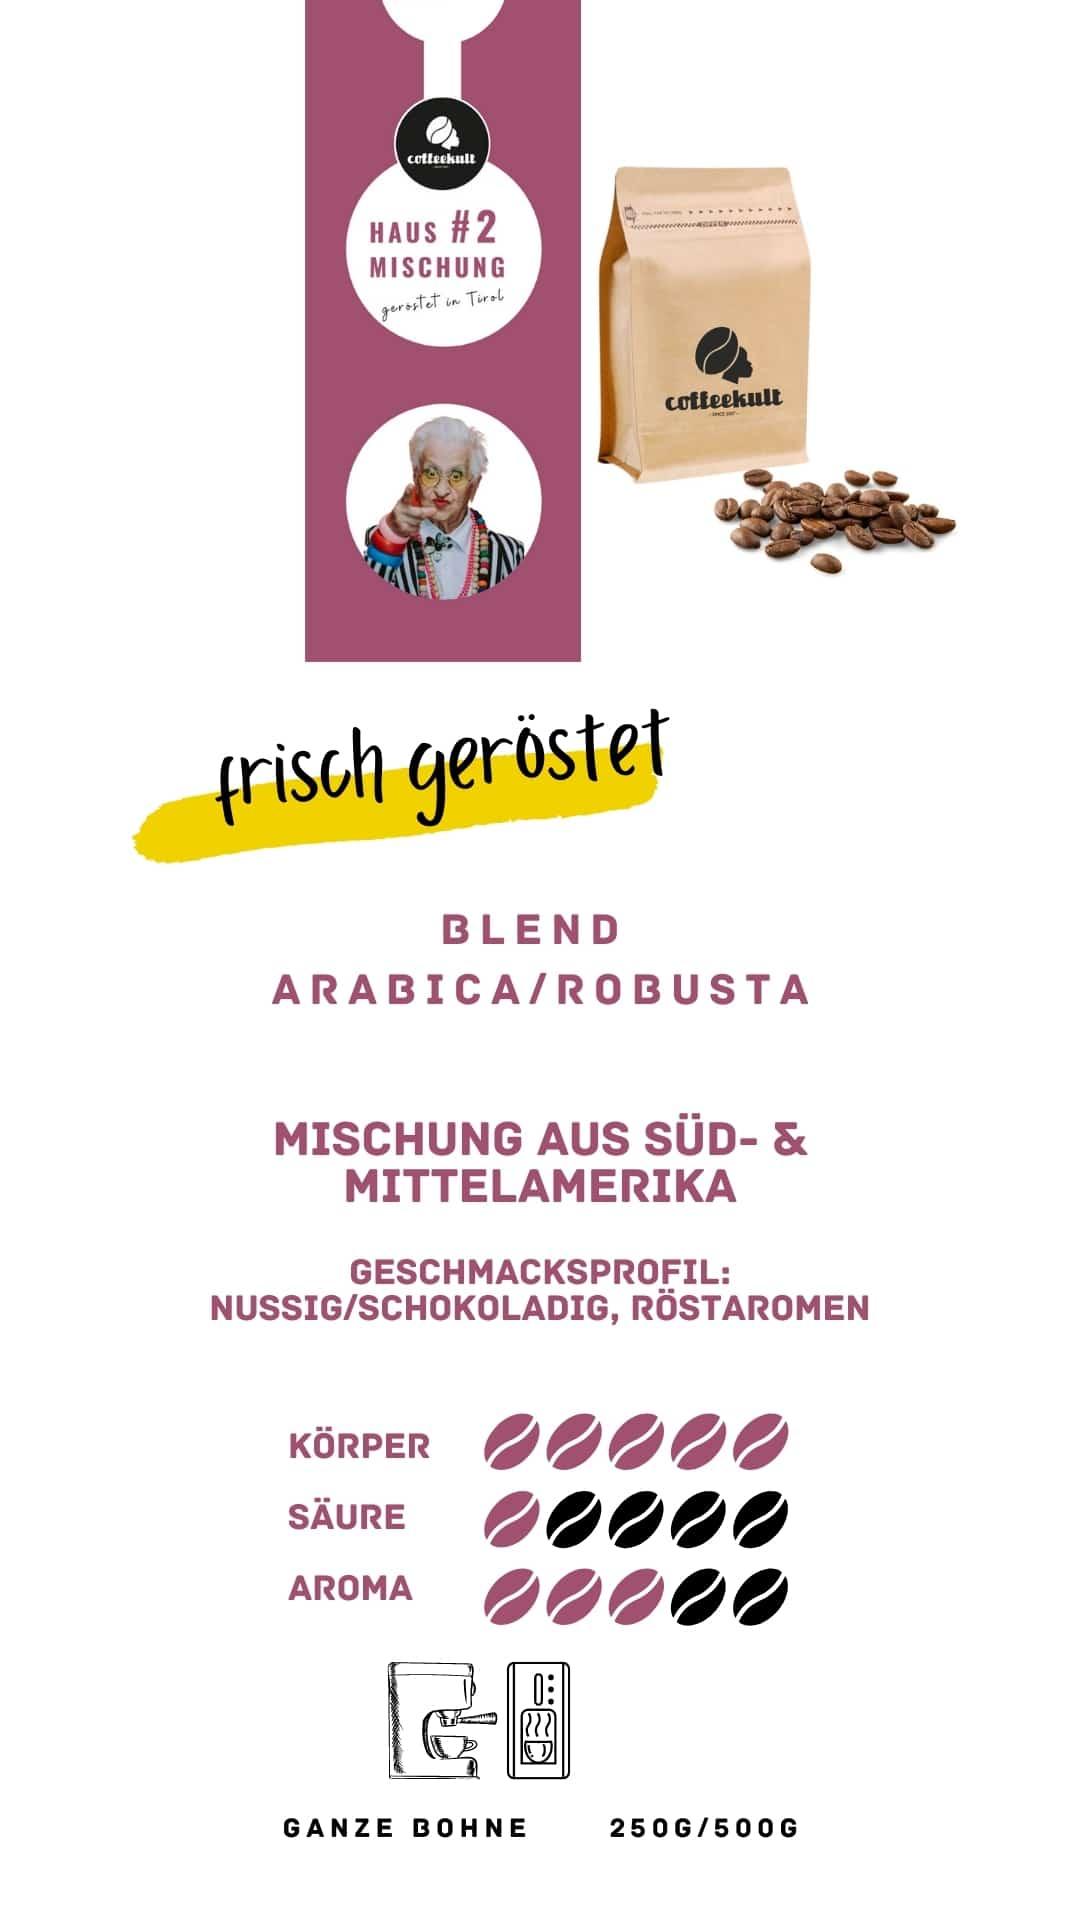 coffeekult coffee frisch geröstet barista kaffeerösterei innsbruck hausmischung 2